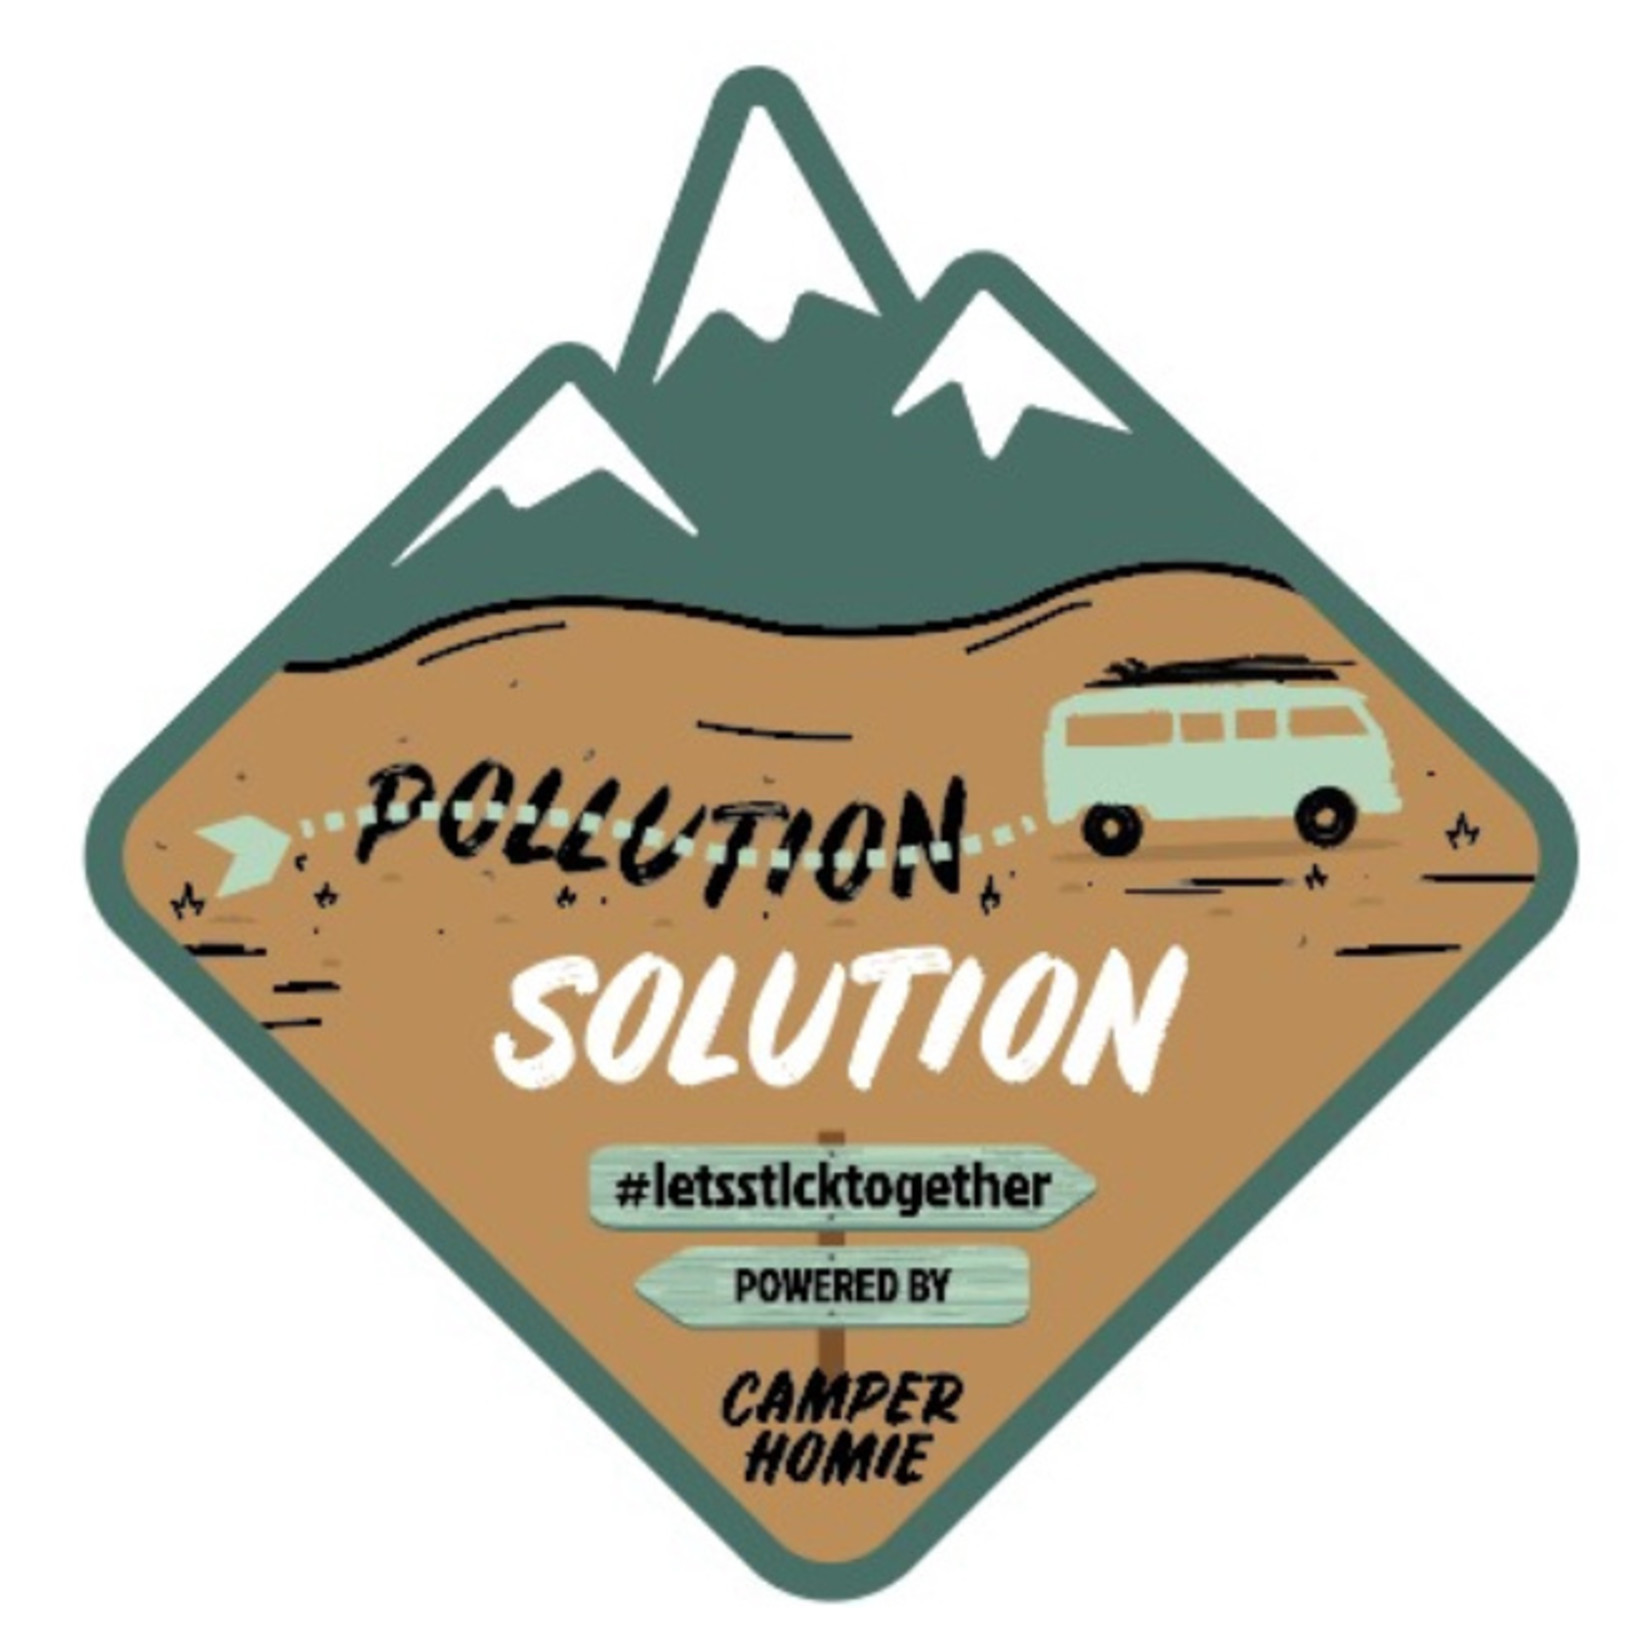 CamperHomie Compenseer je reis met zeewier en krijg deze sticker (10 cm x 10 cm) thuis gestuurd